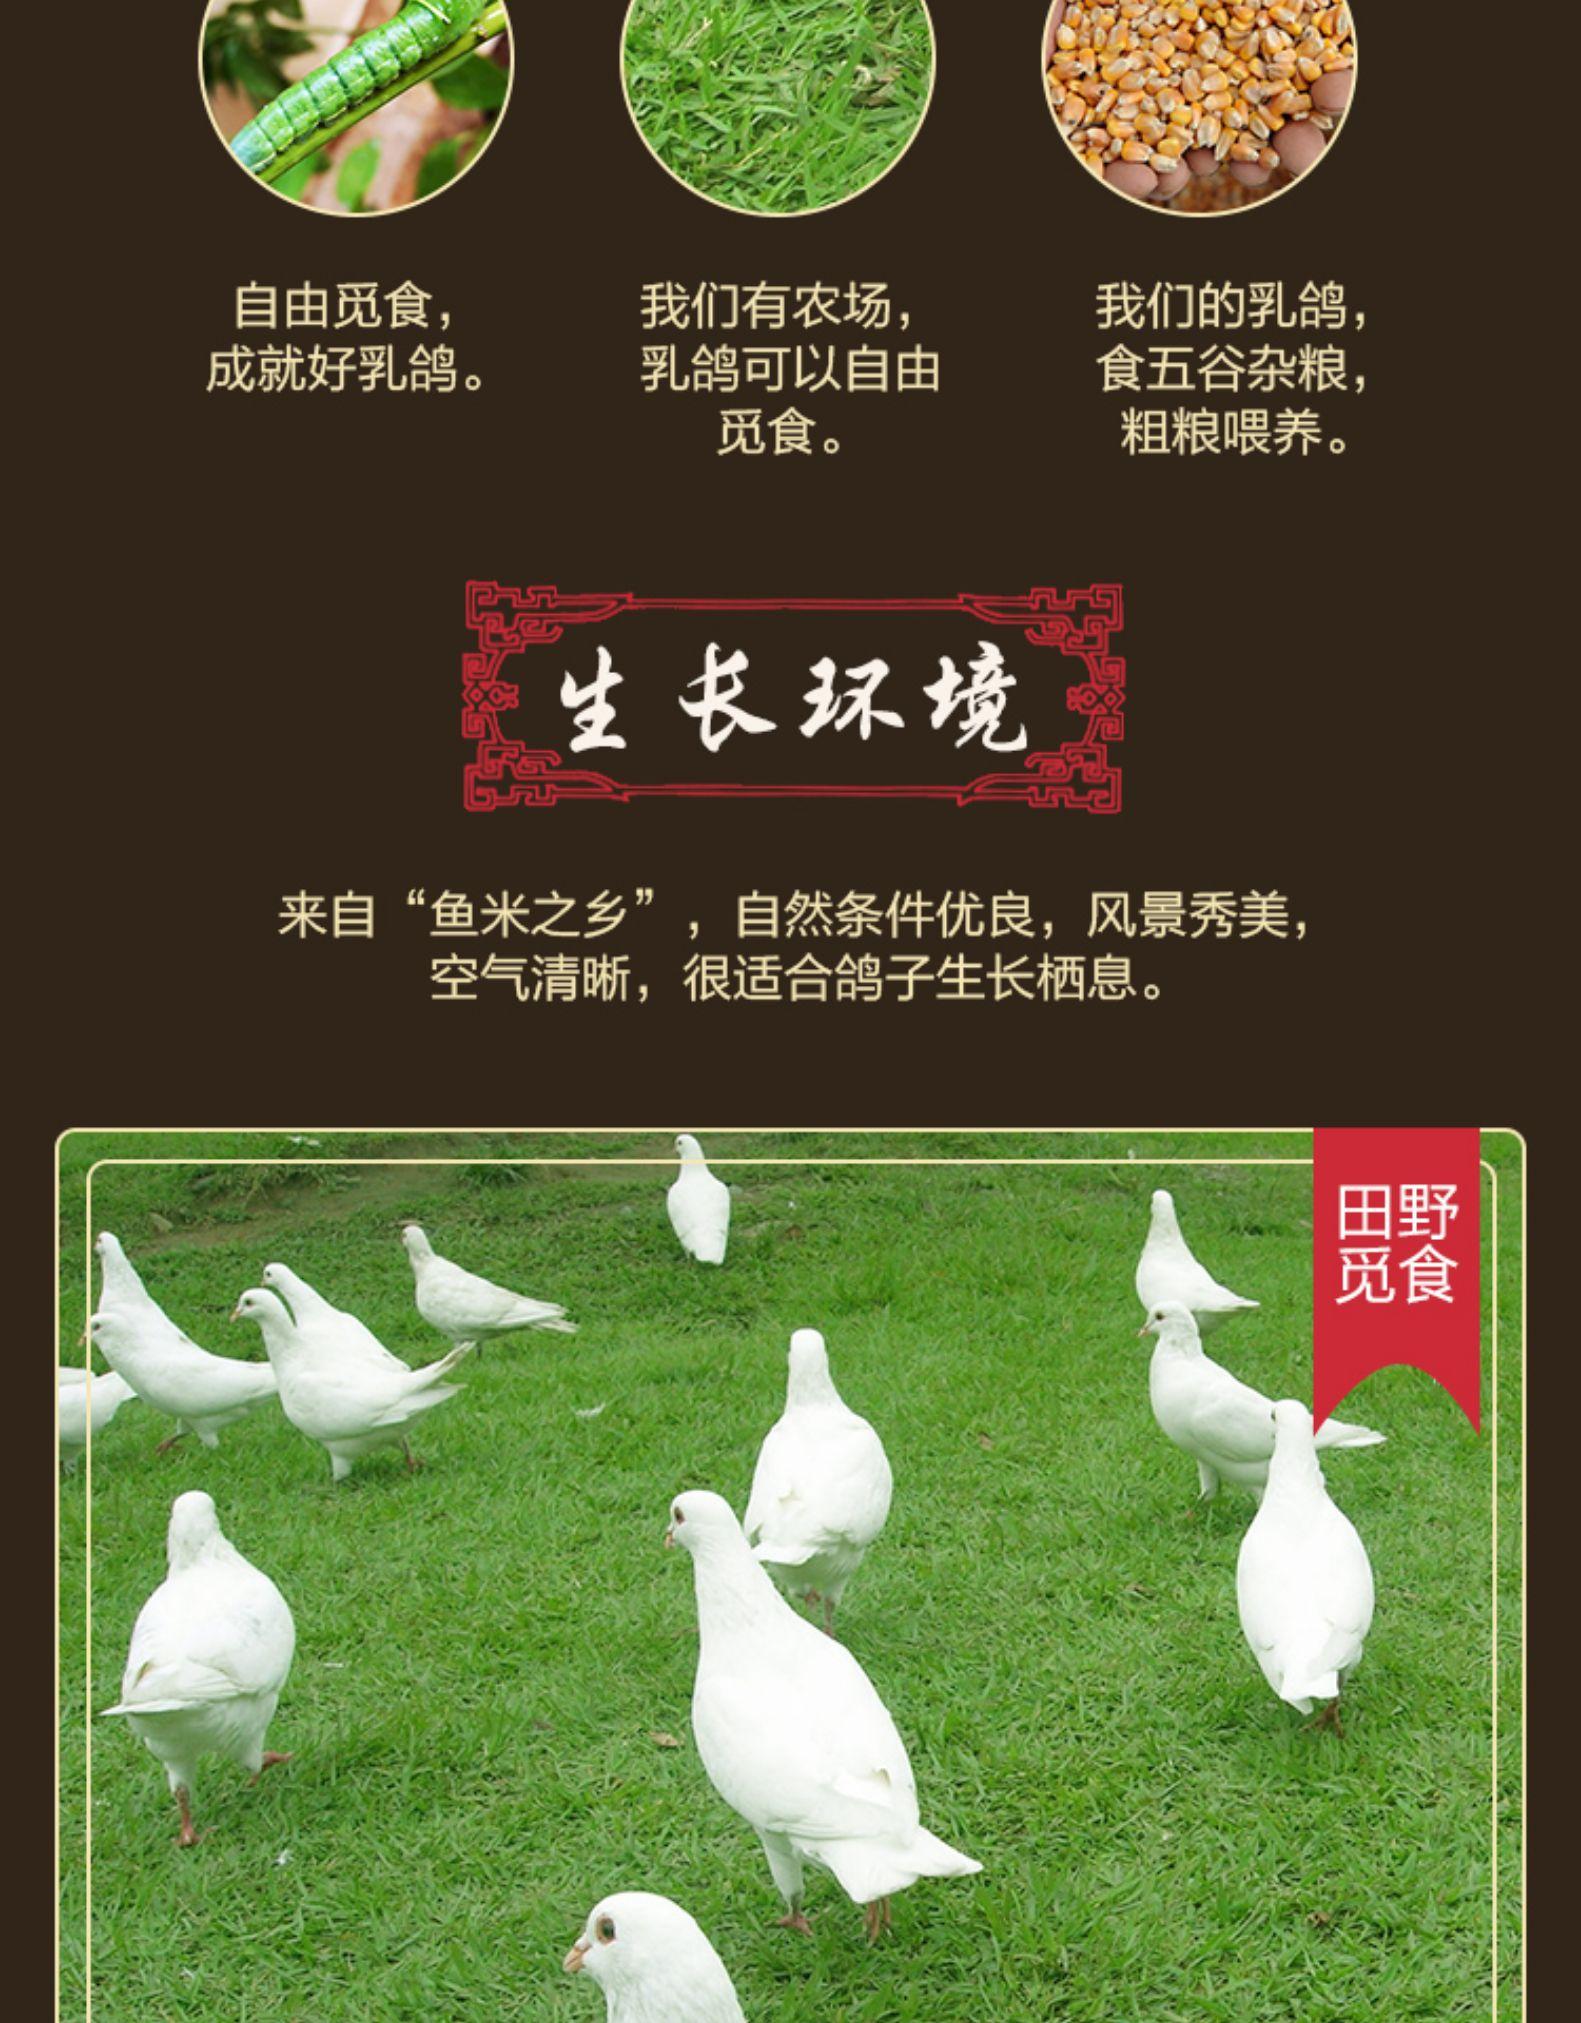 屋下鵝 乳鴿300g*3只 鴿子肉散養鴿子活體新鮮現殺乳鴿子肉